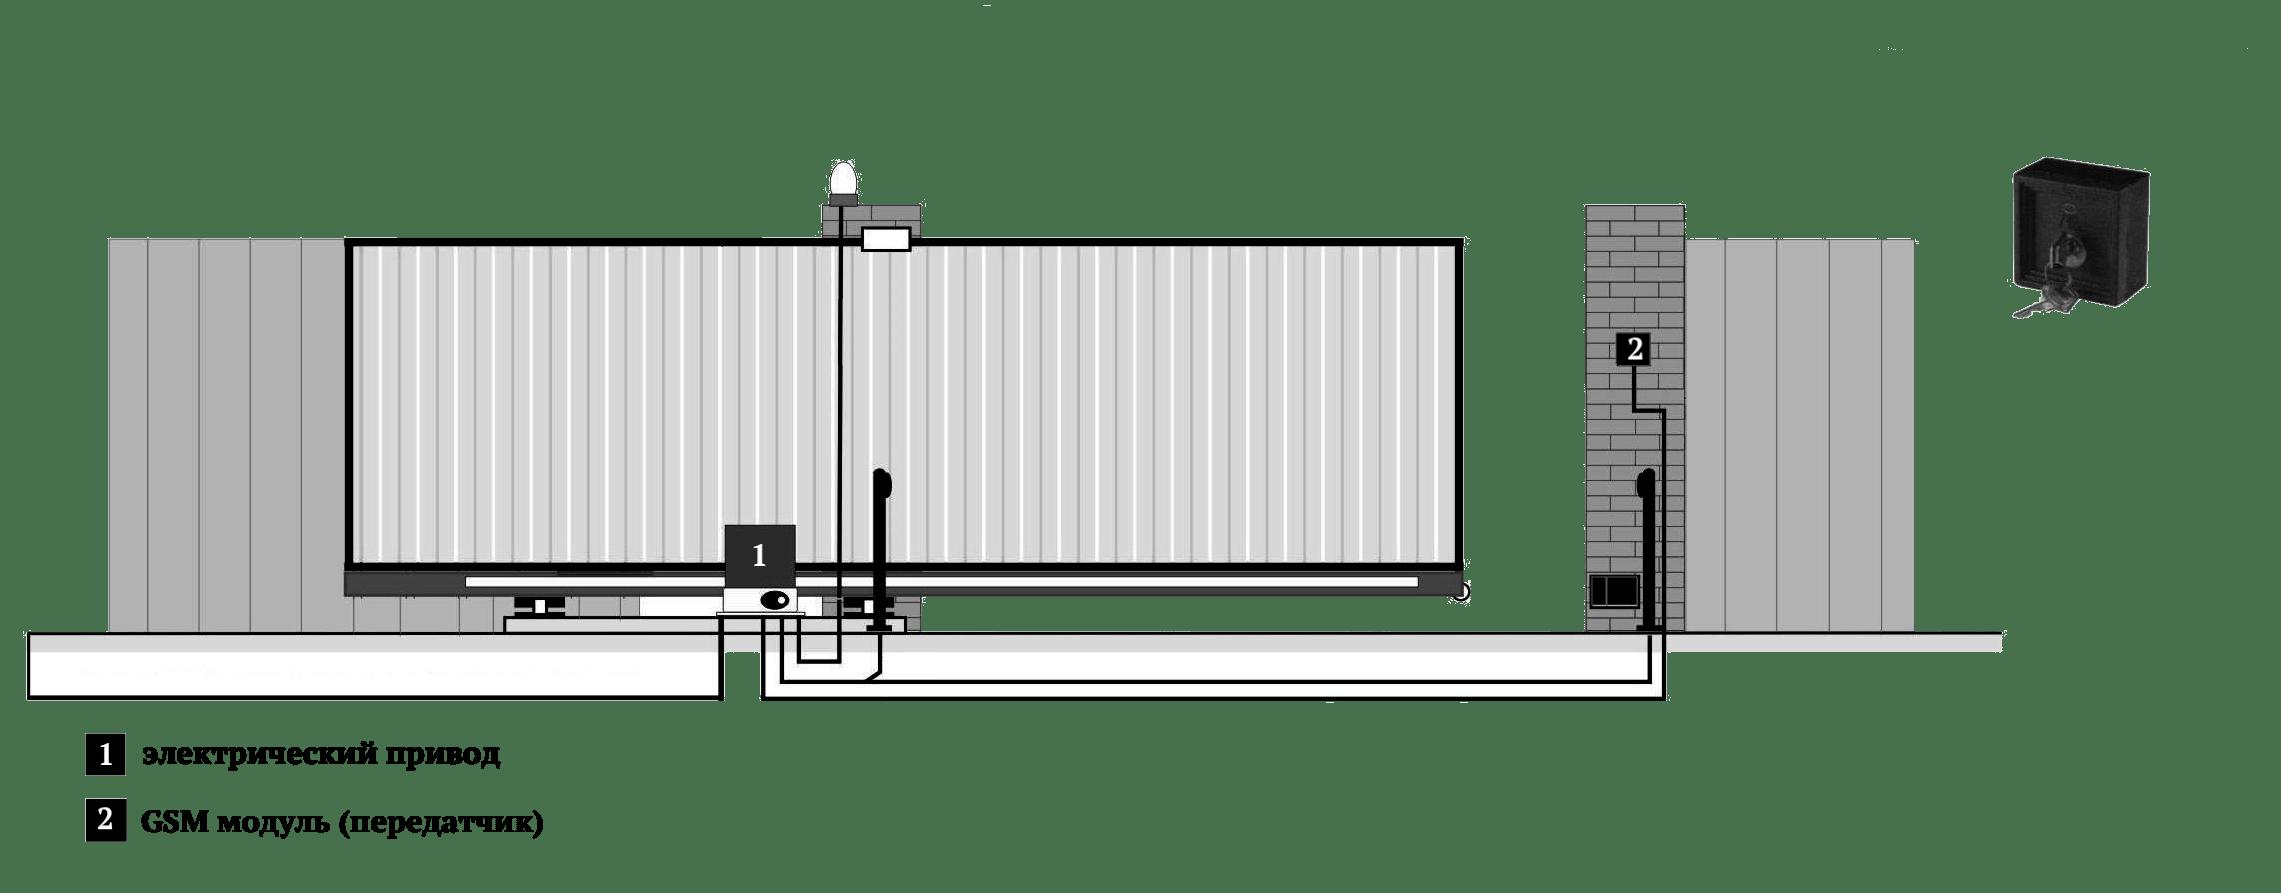 Ворота с использованием GSM технологии